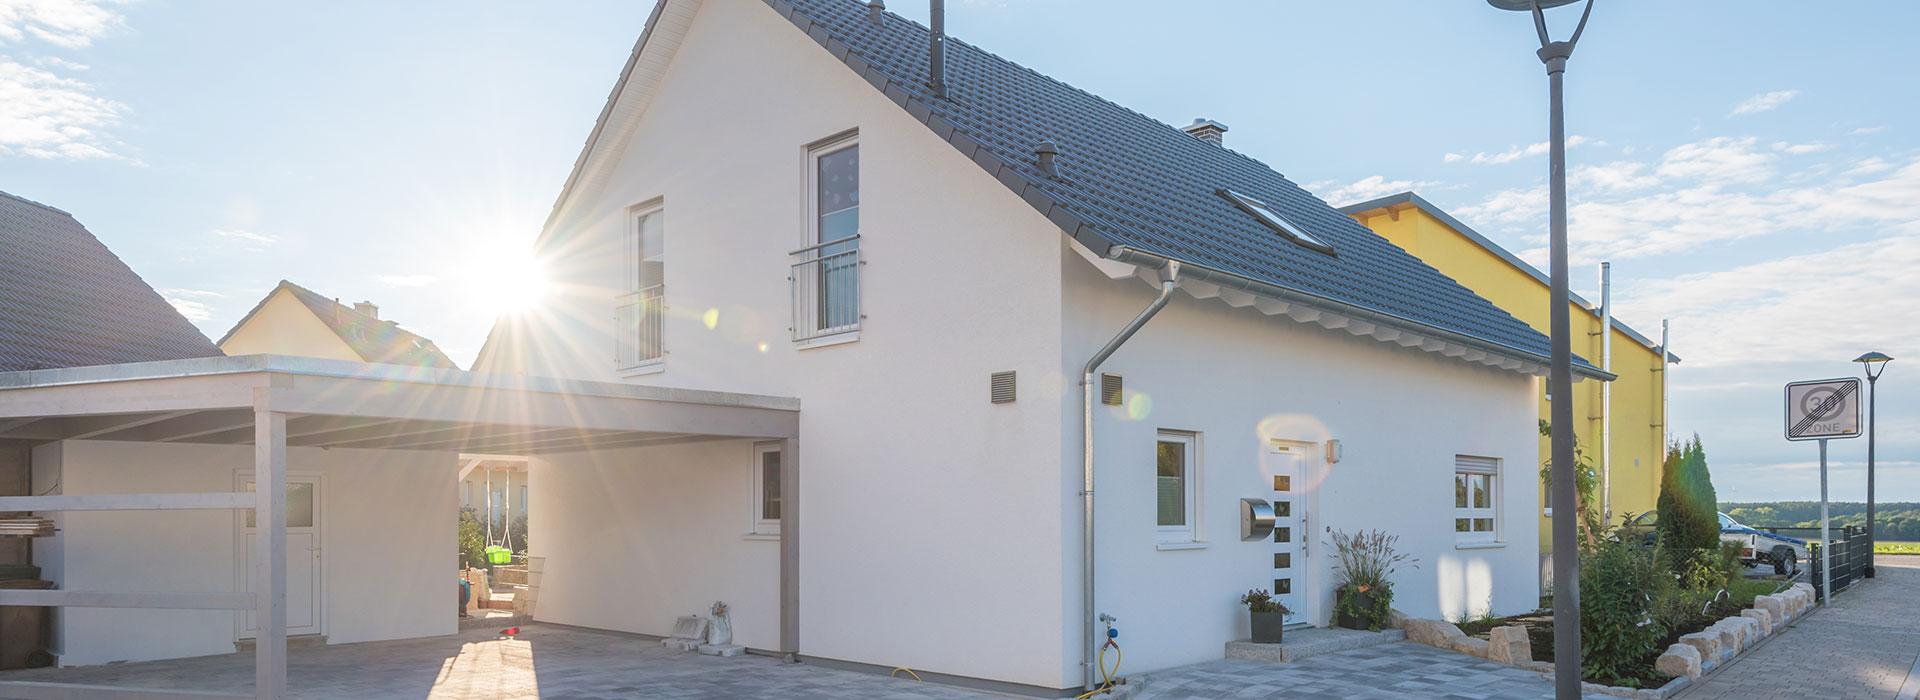 Einfamilienhaus von Binder Bauunternehmen